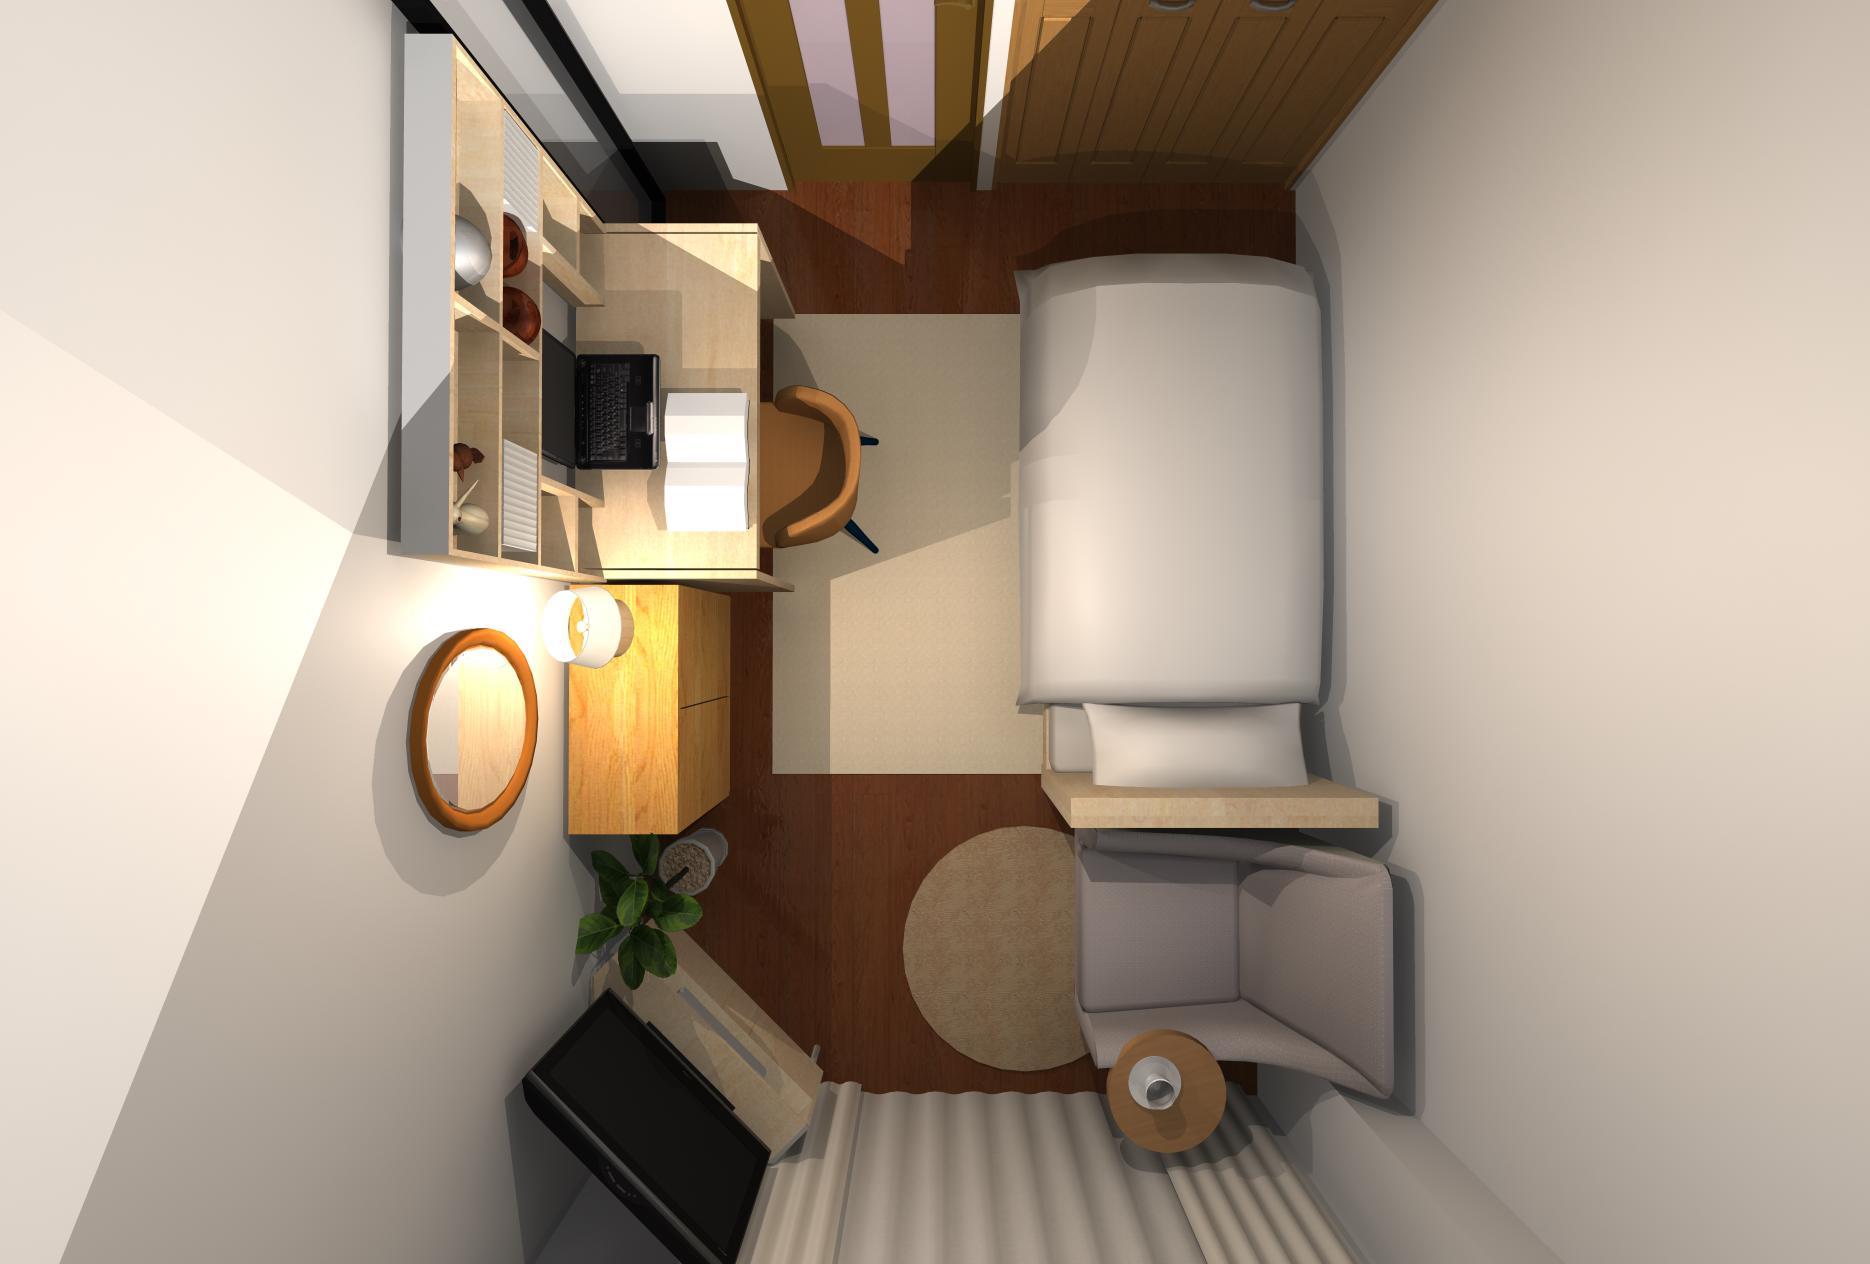 SHONAI HOTEL SUIDEN TERRASSE をイメージしたナチュラルなホテルライクインテリア